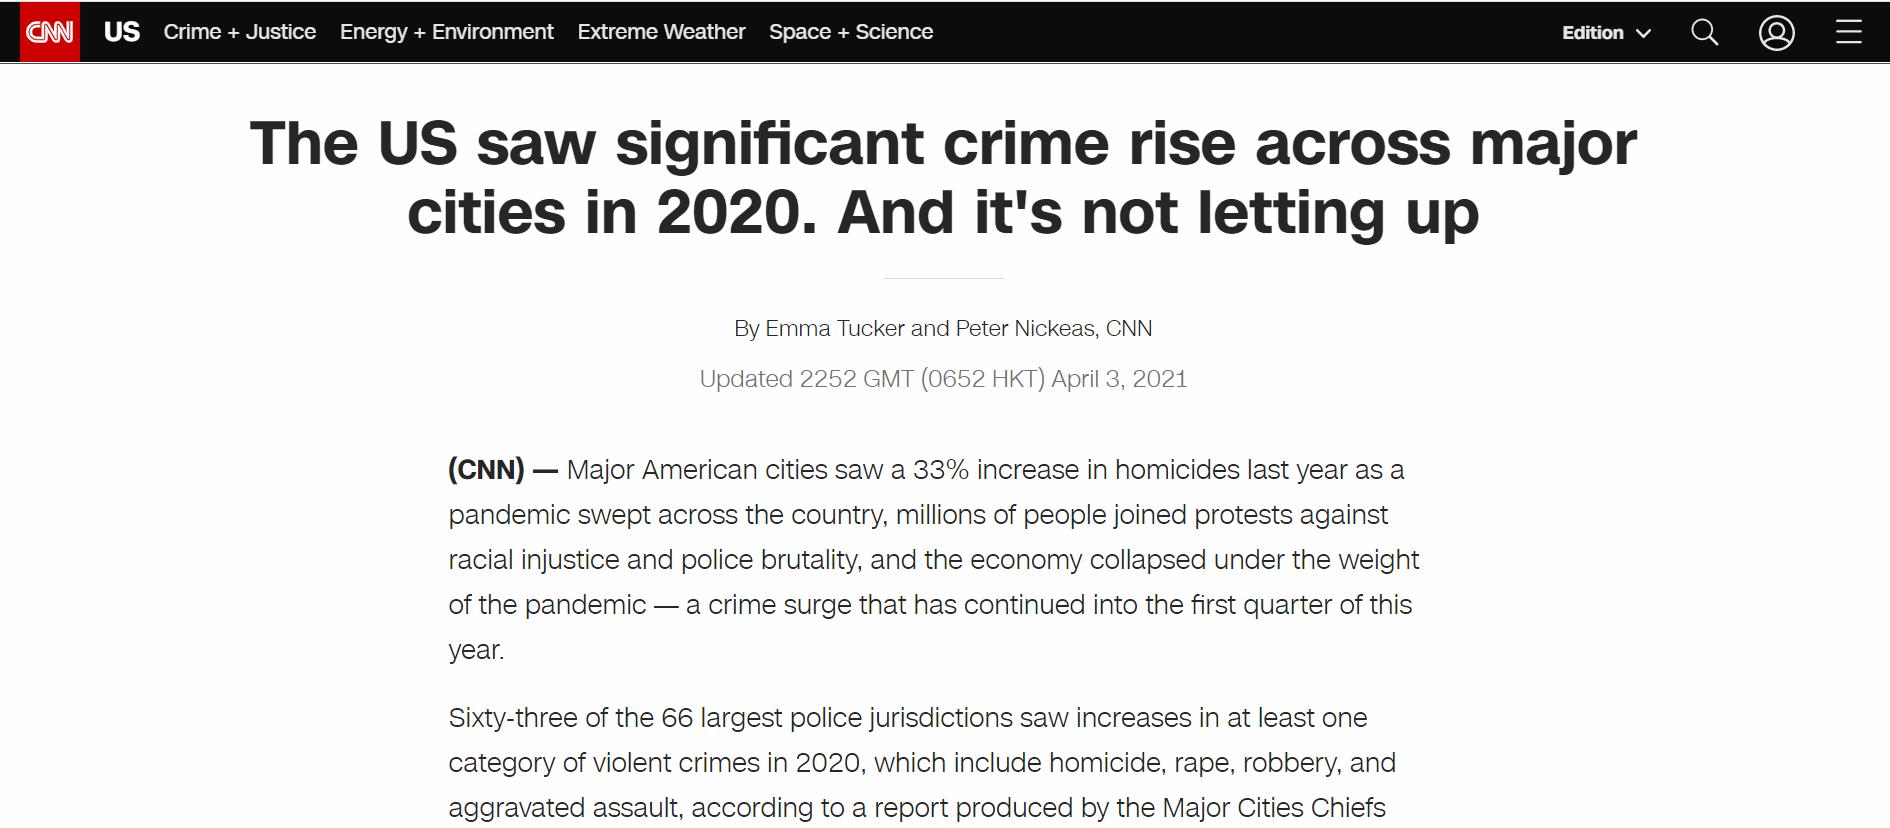 杀人案猛增三成 美国主要城市去年有点乱